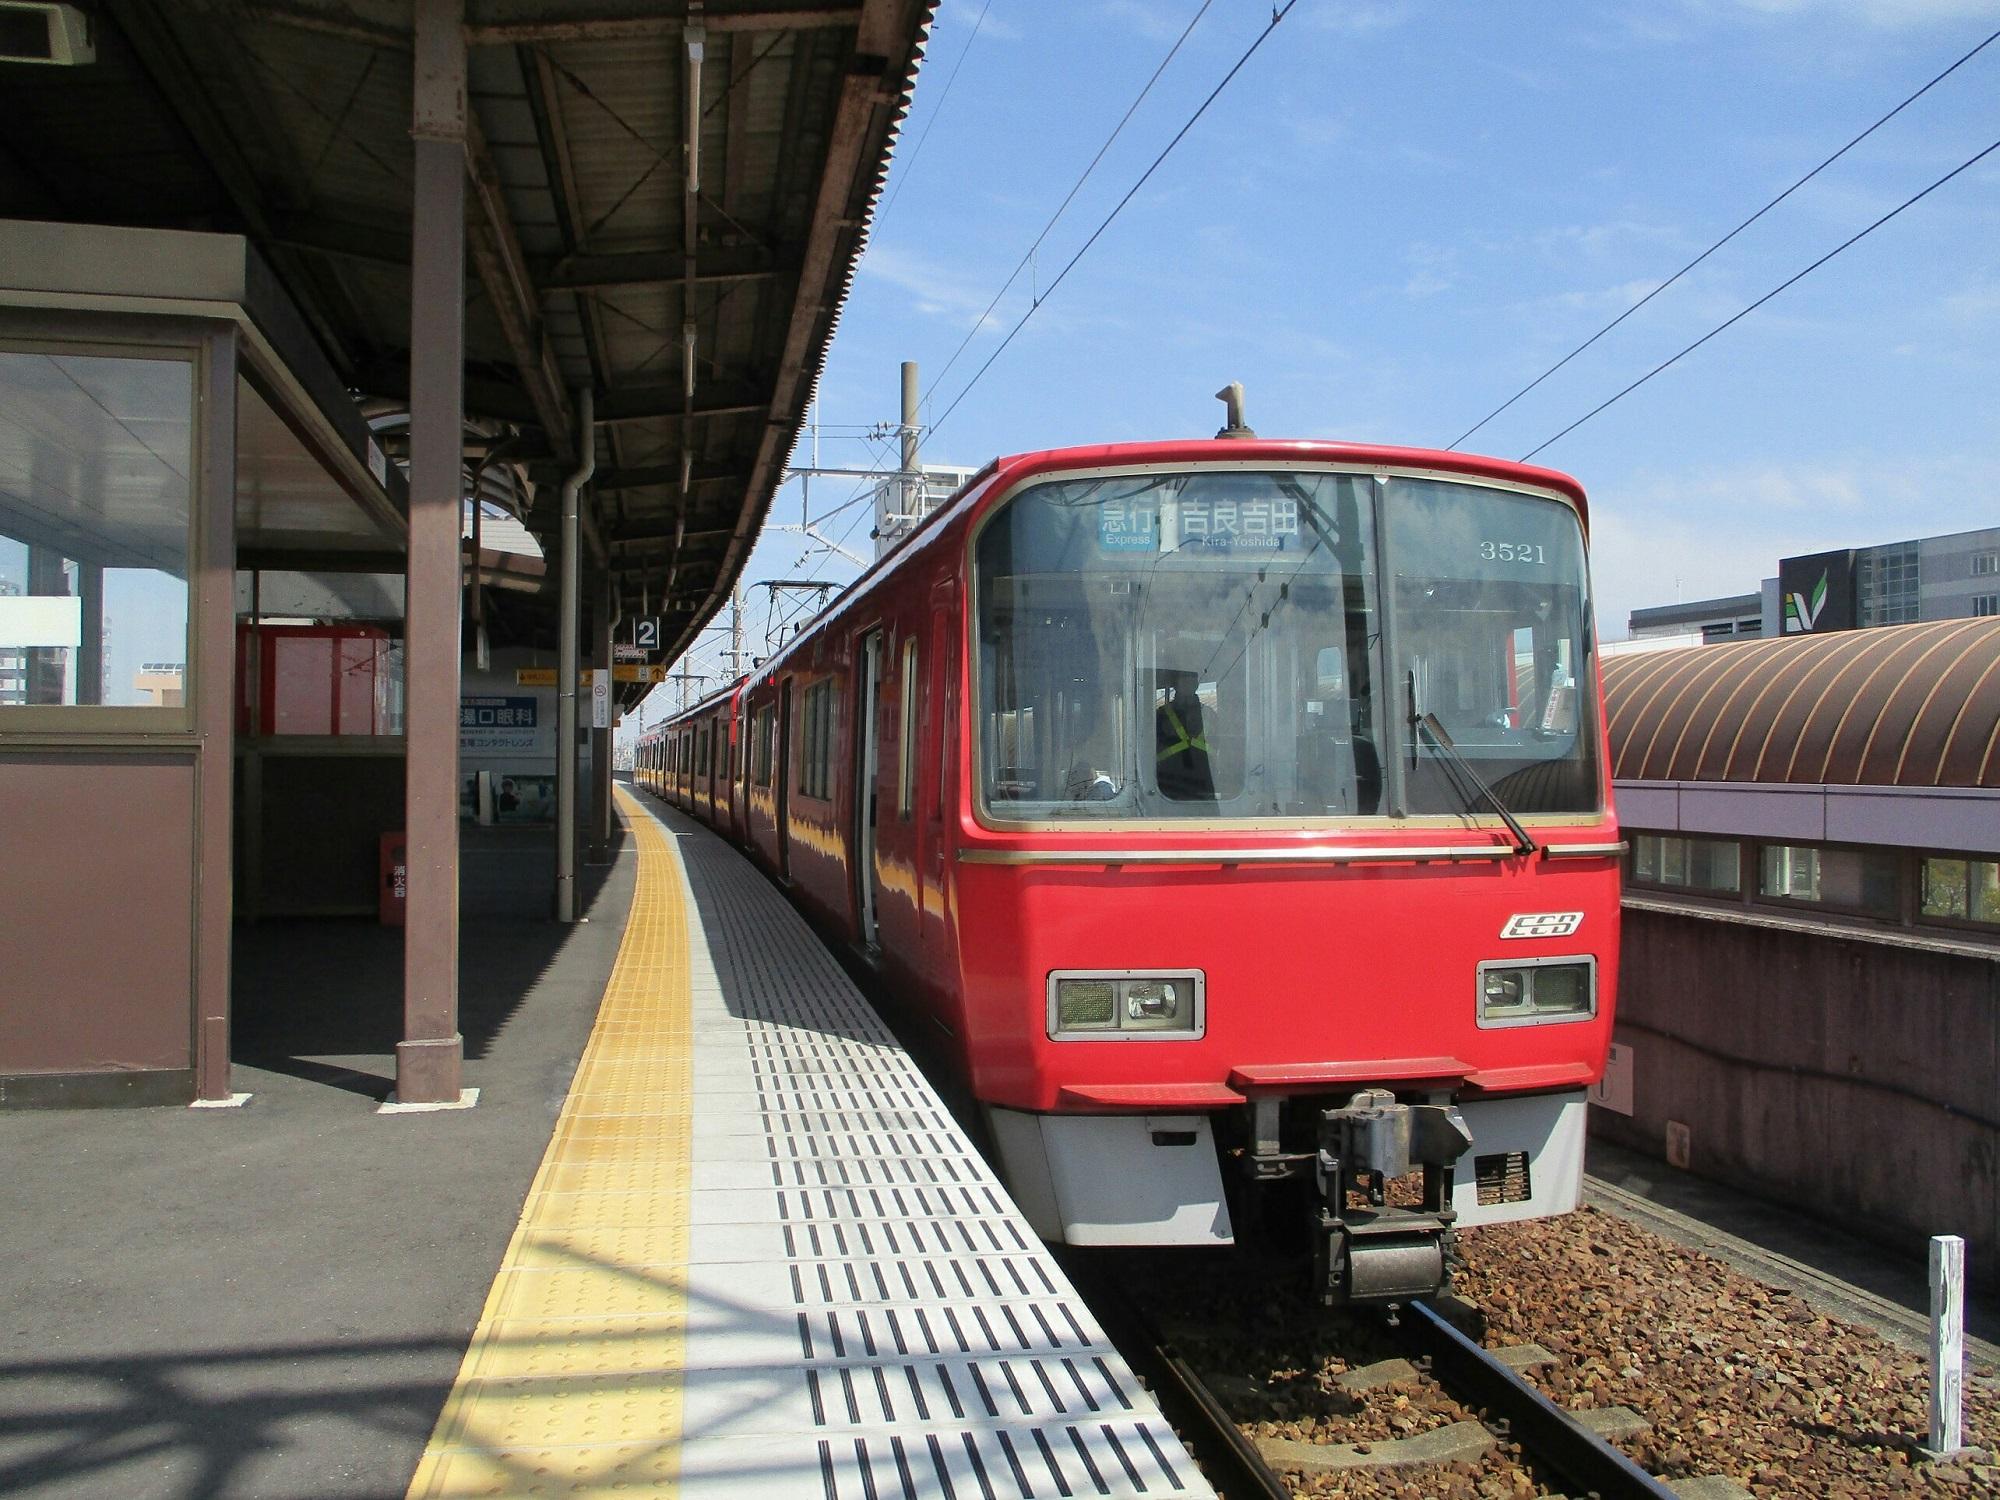 2019.3.26 (11) 西尾 - 吉良吉田いき急行 2000-1500